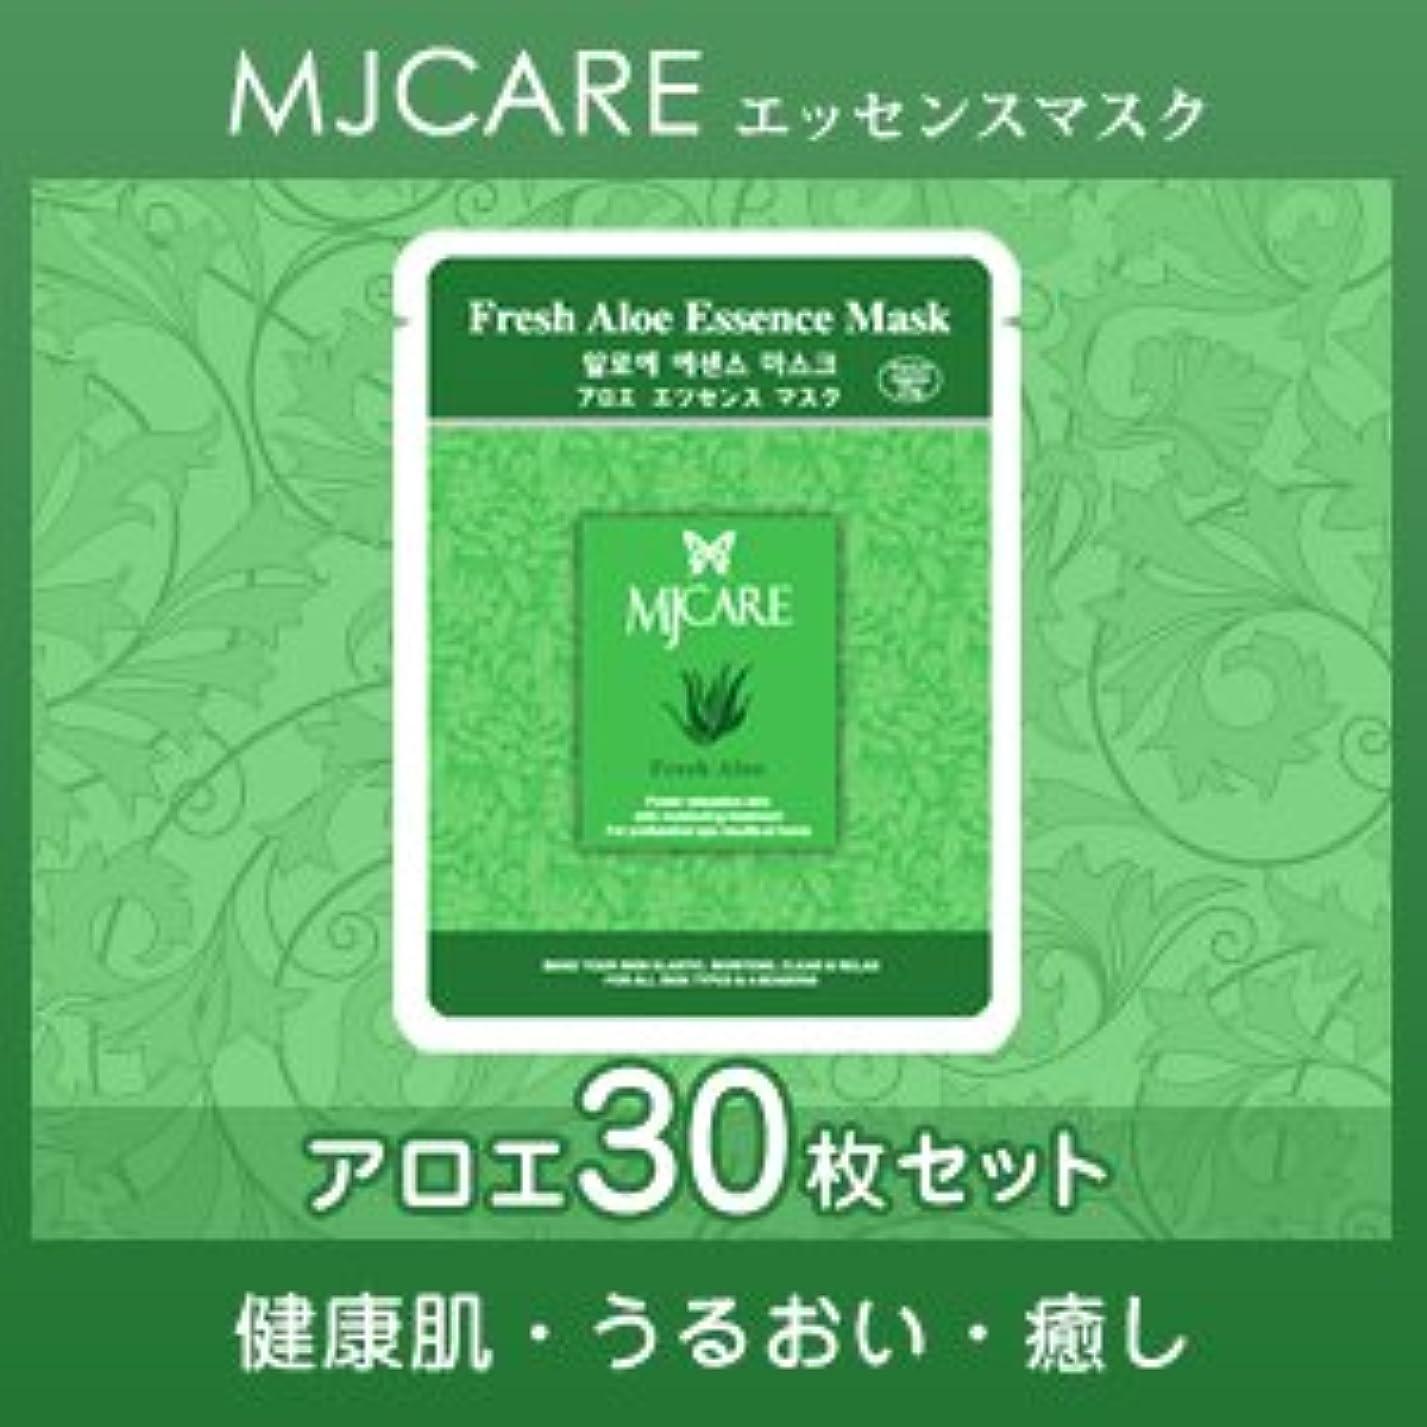 プレミアムイタリアの無意識MJCARE (エムジェイケア) エッセンスマスク ?アロエ 30セット